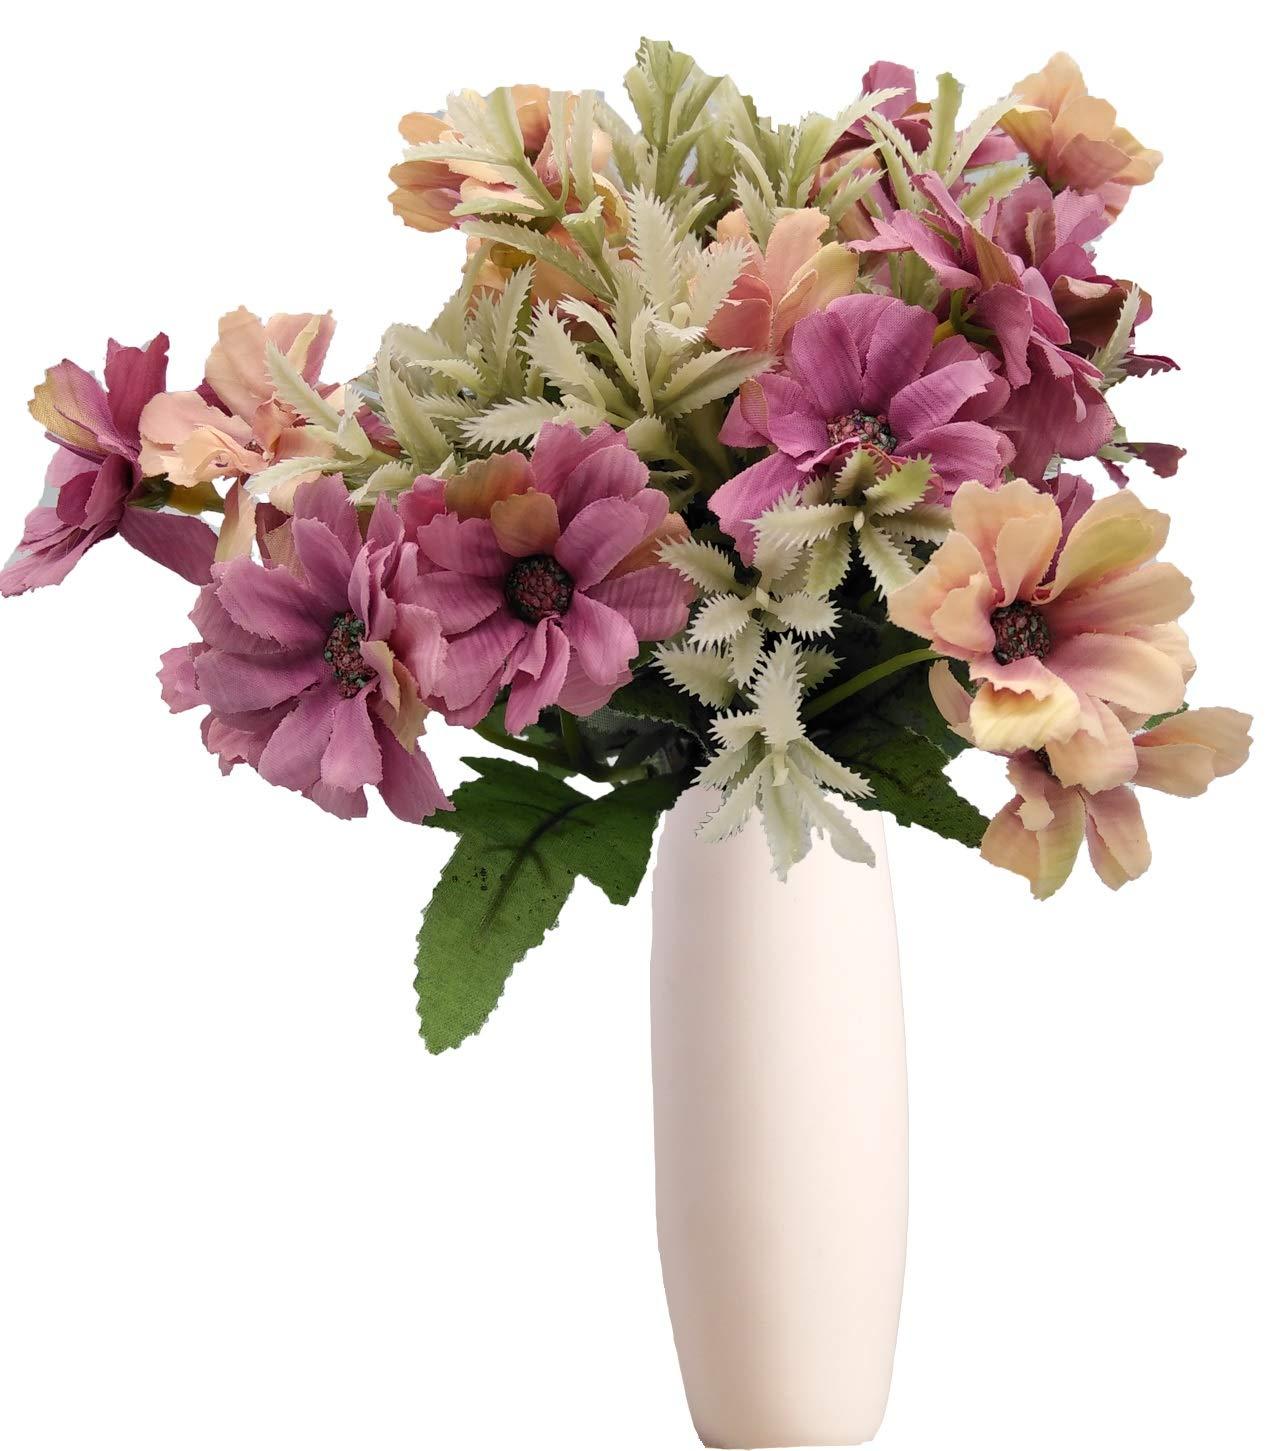 Live with love 2 vasi in ceramica bianca perfetti per fiori e piante decorano Matrimonio Feste Casa -Bianco DL Newtech